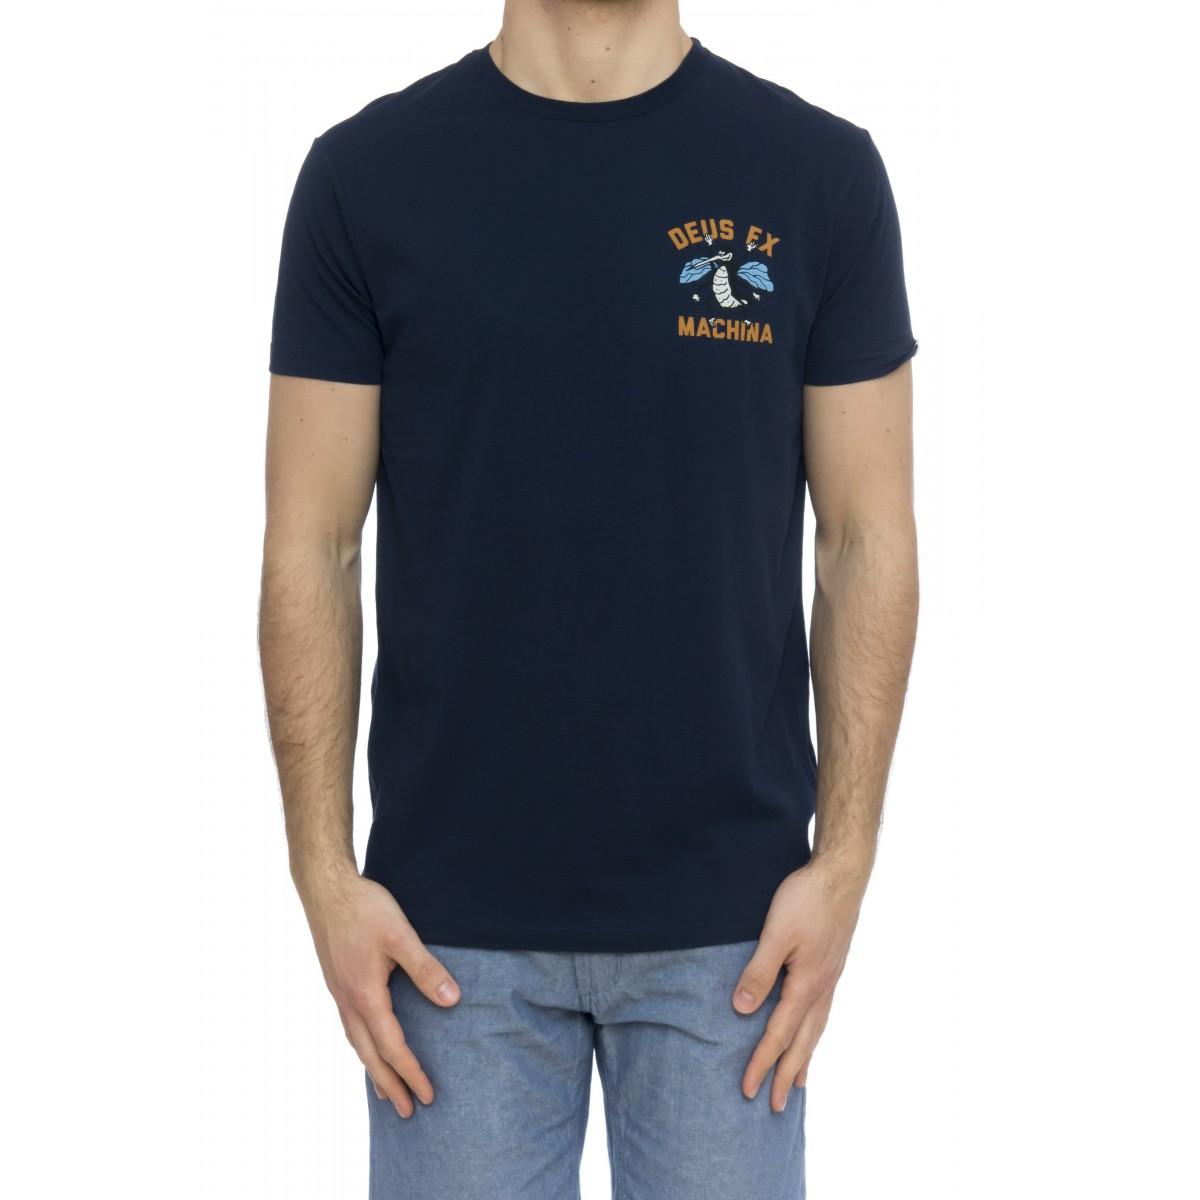 T-shirt - Tee128